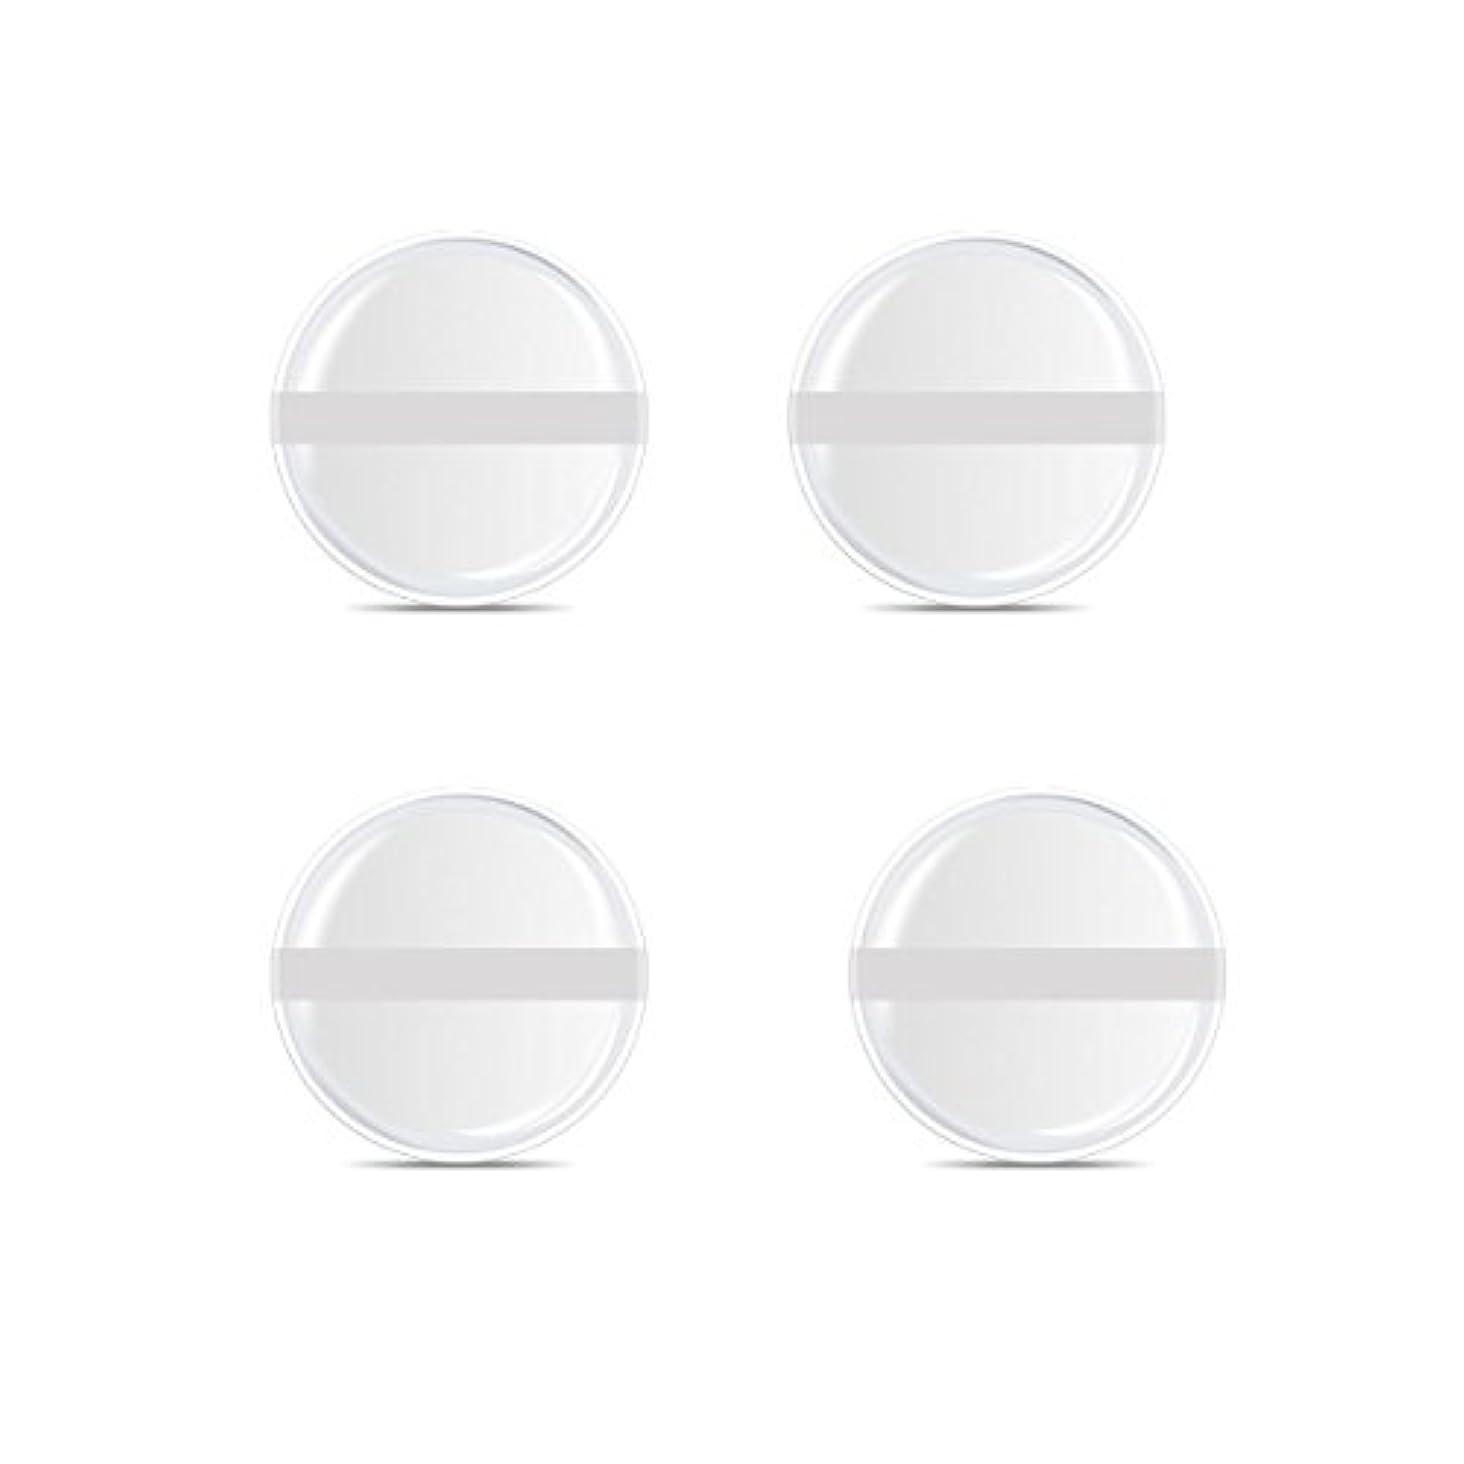 相対的パズル押すシリコンパフ 帯付き メイクスポンジ ゲルパフ ゼリーパフ 清潔しやすい衛生 柔らかく 透明な 4枚入 (円形 4入り)